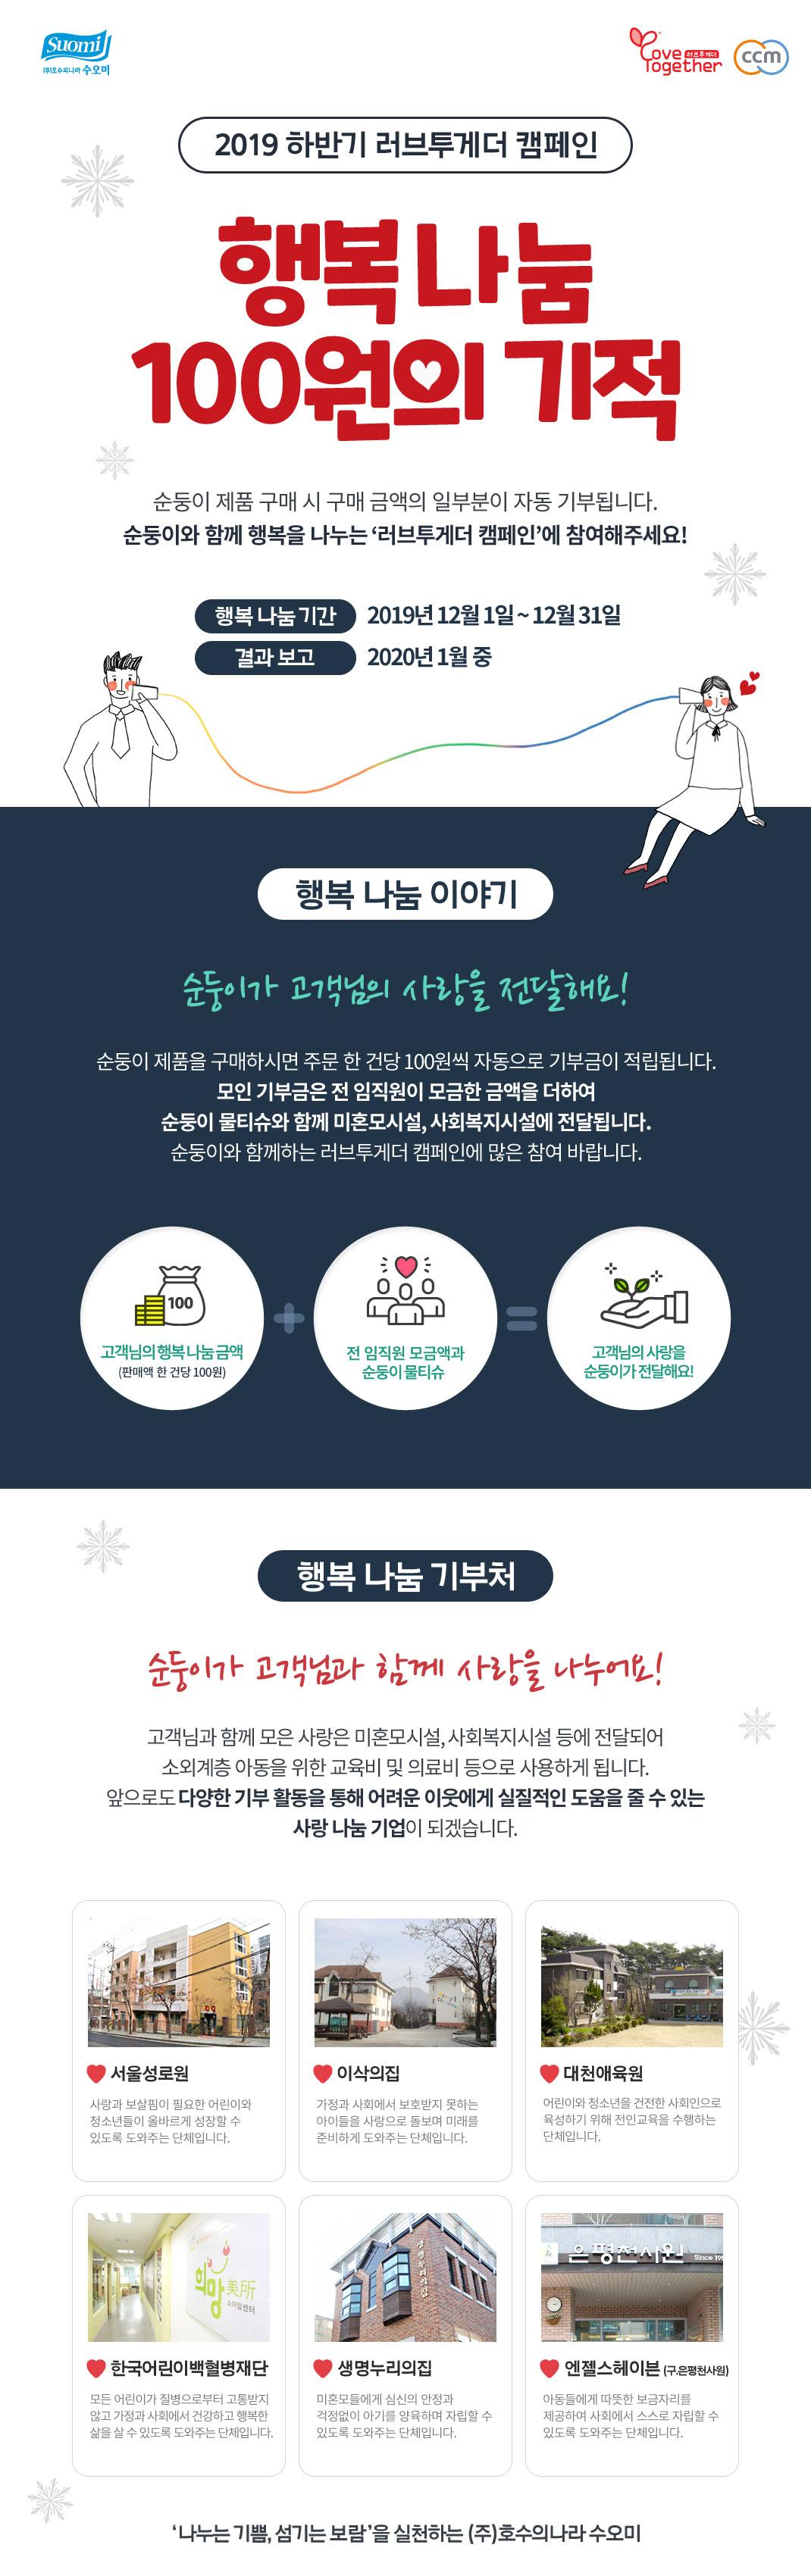 순둥이 러브투게더 캠페인 행복나눔 100원의 기적